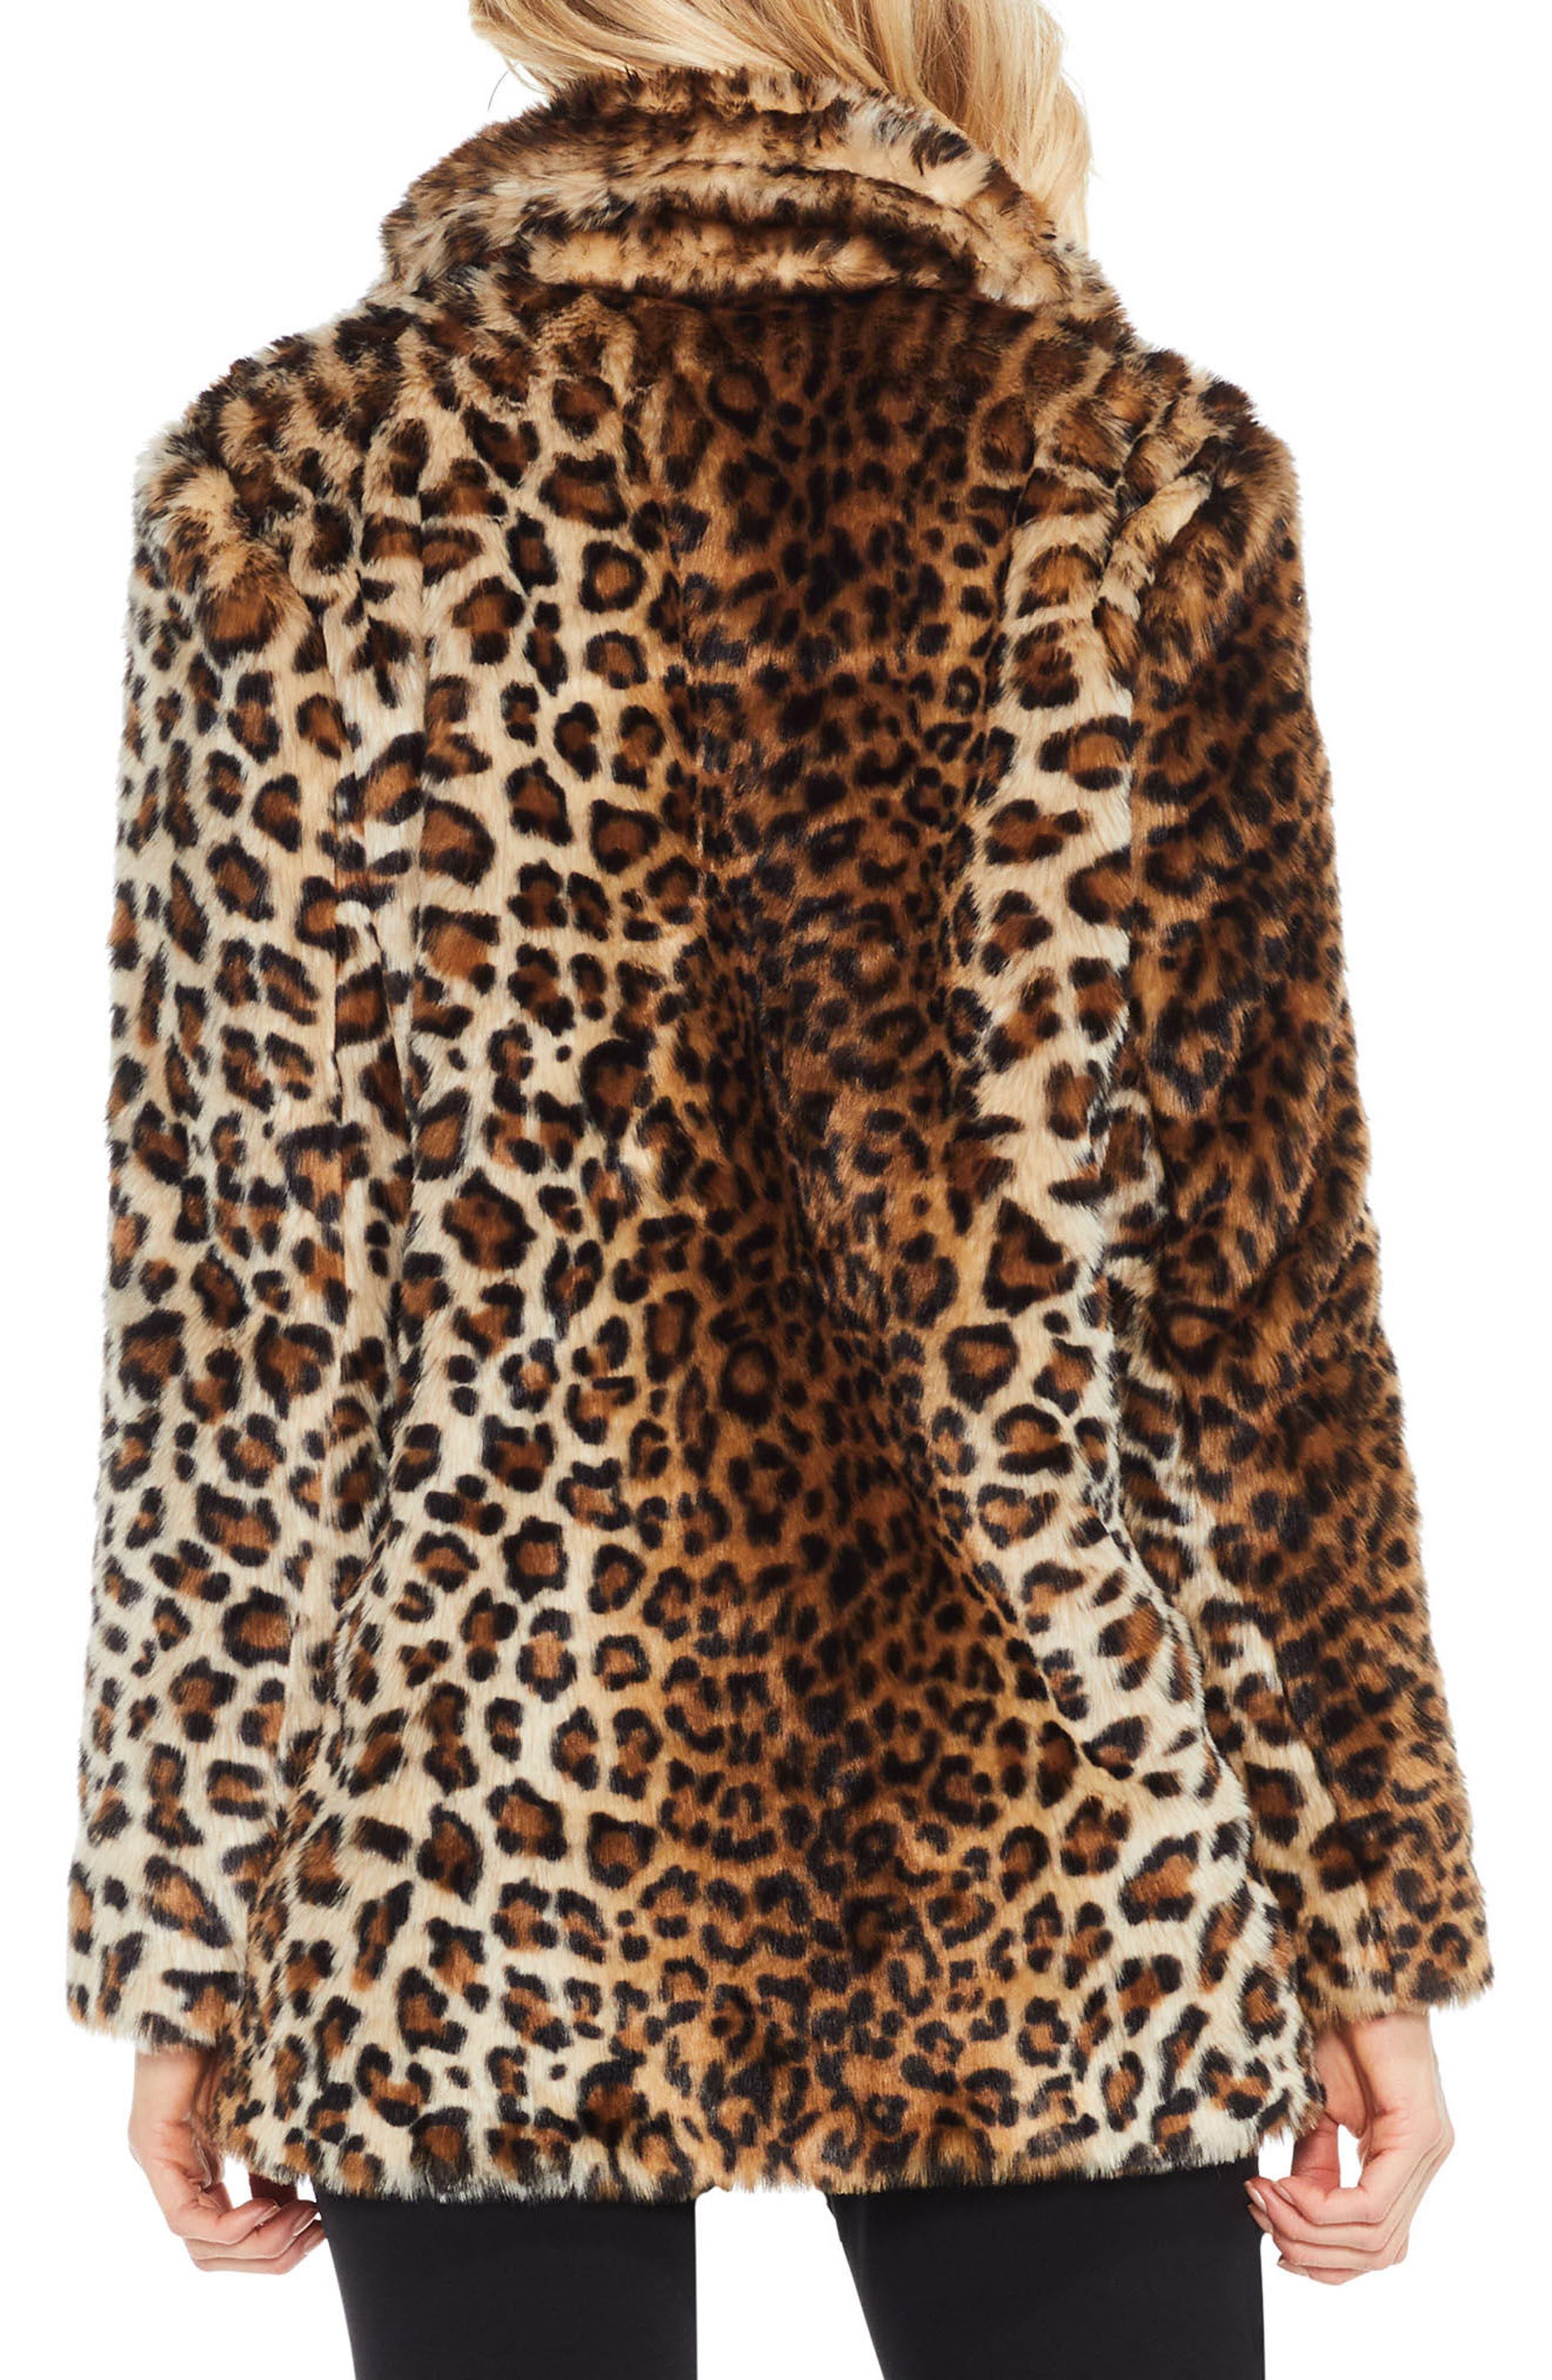 Leopard Print Faux Fur Jacket,                             Alternate thumbnail 2, color,                             Warm Camel